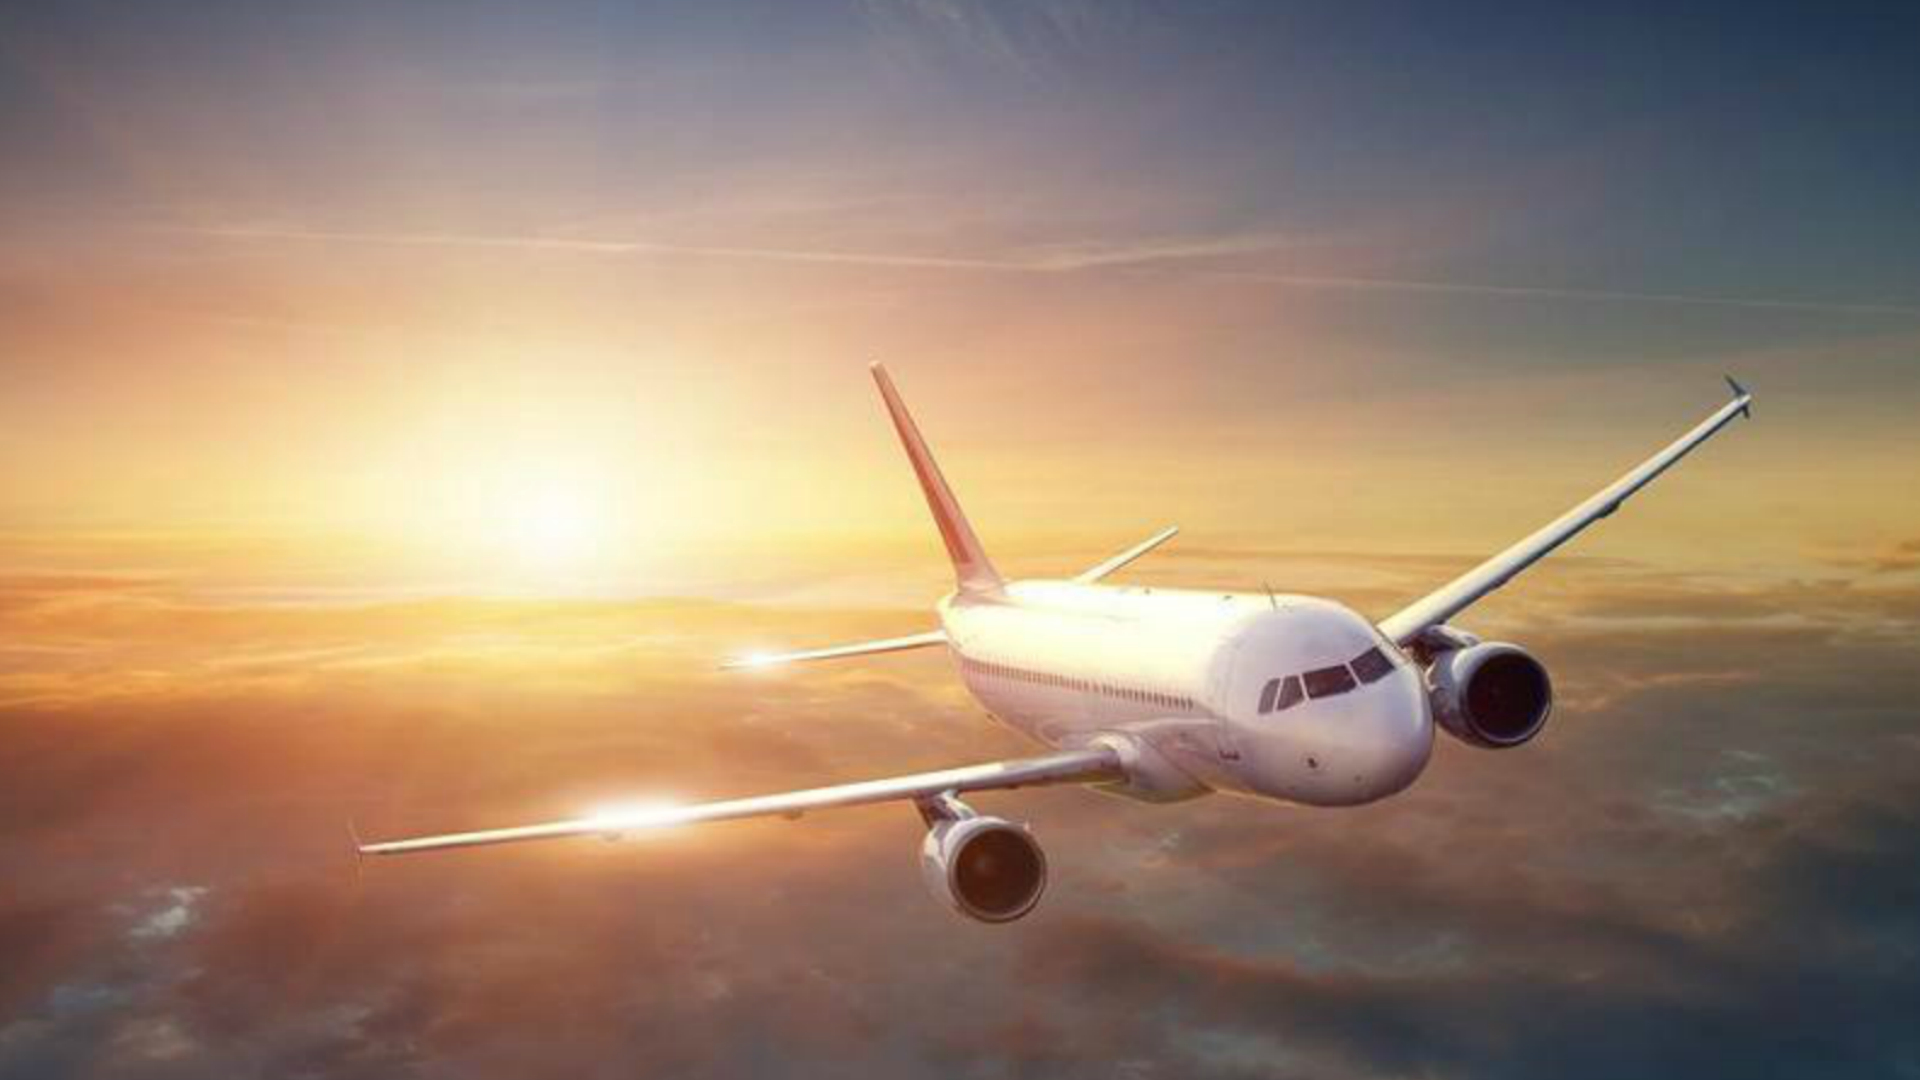 Օգոստոսի 28-ին տեղի կունենա Դոնի Ռոստով-Երևան չարտերային թռիչքը